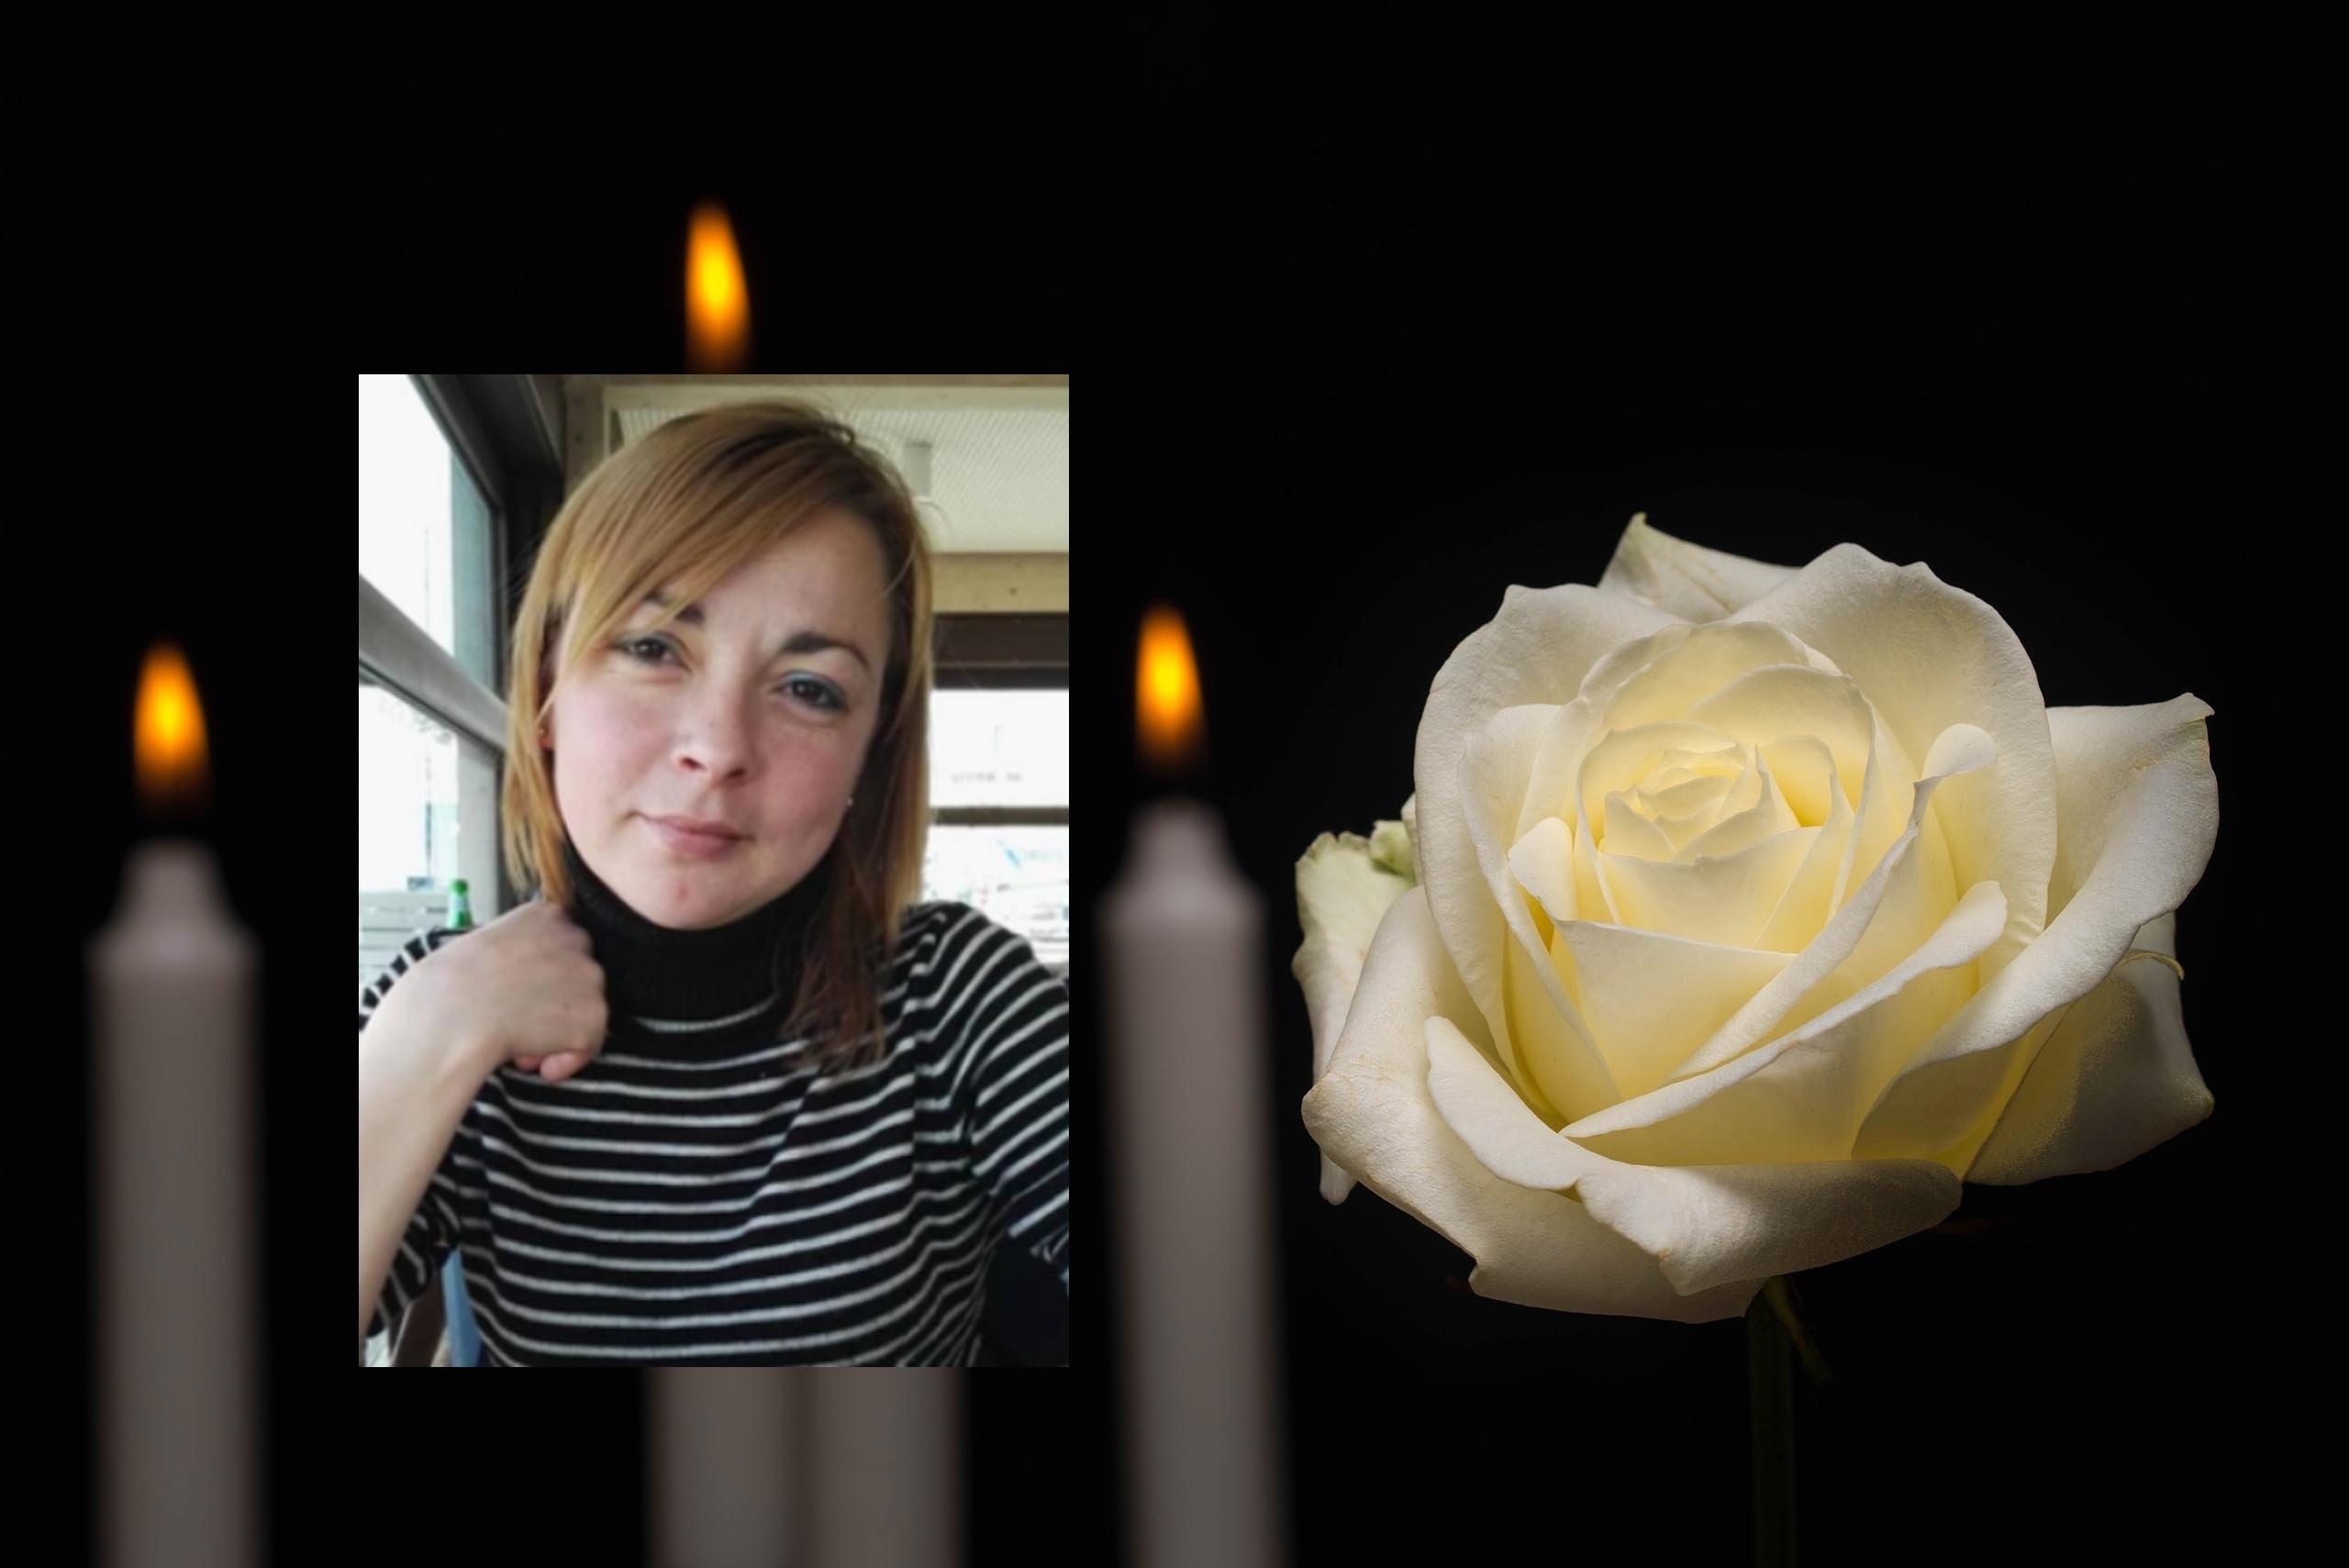 Златі було лише 33 роки: чоловік вбив дружину та втік з Італії в Україну. У пари залишився 9-річний син